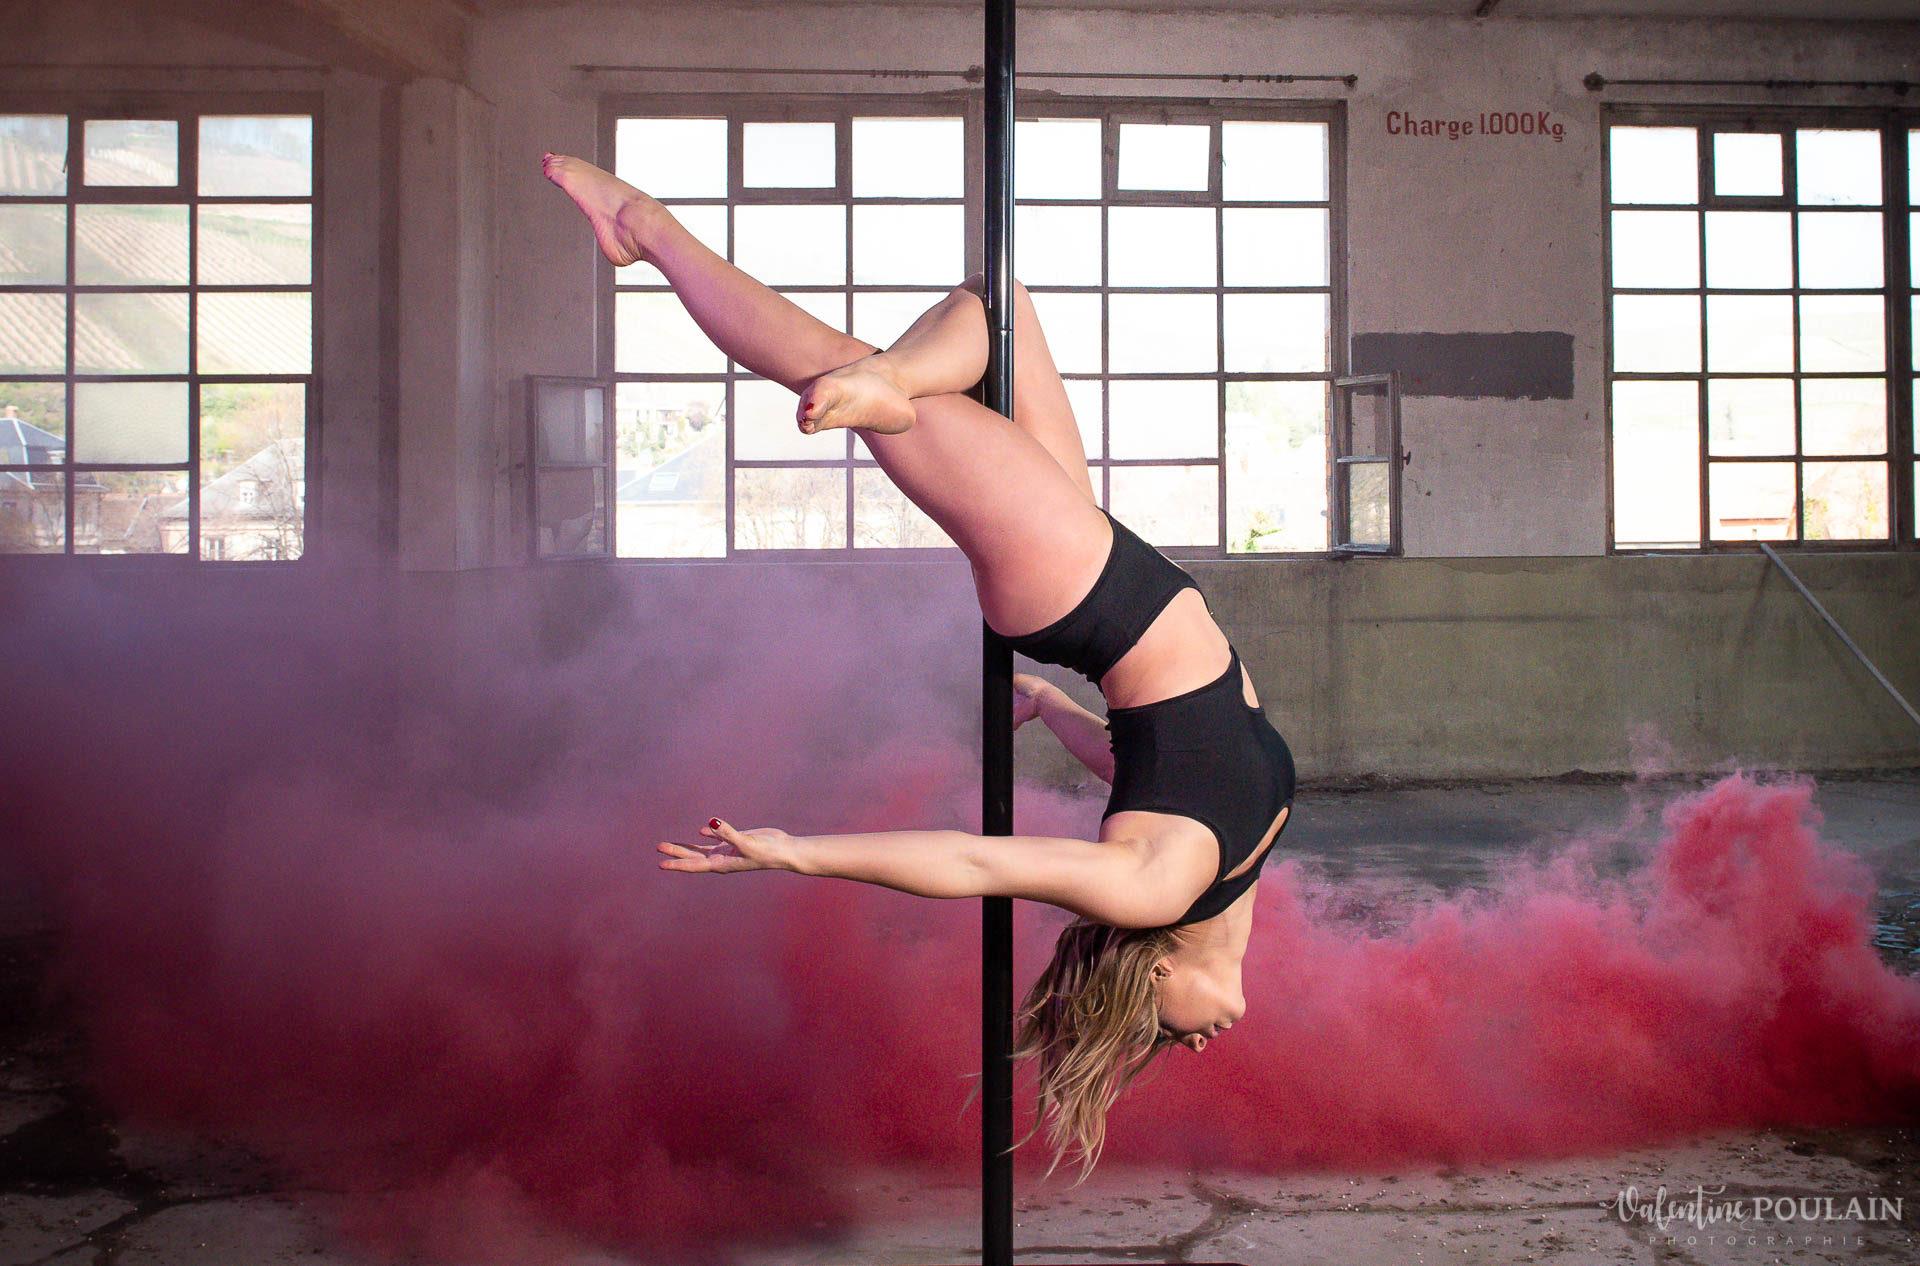 Shooting Pole Dance gymnastique - Valentine Poulain arrière